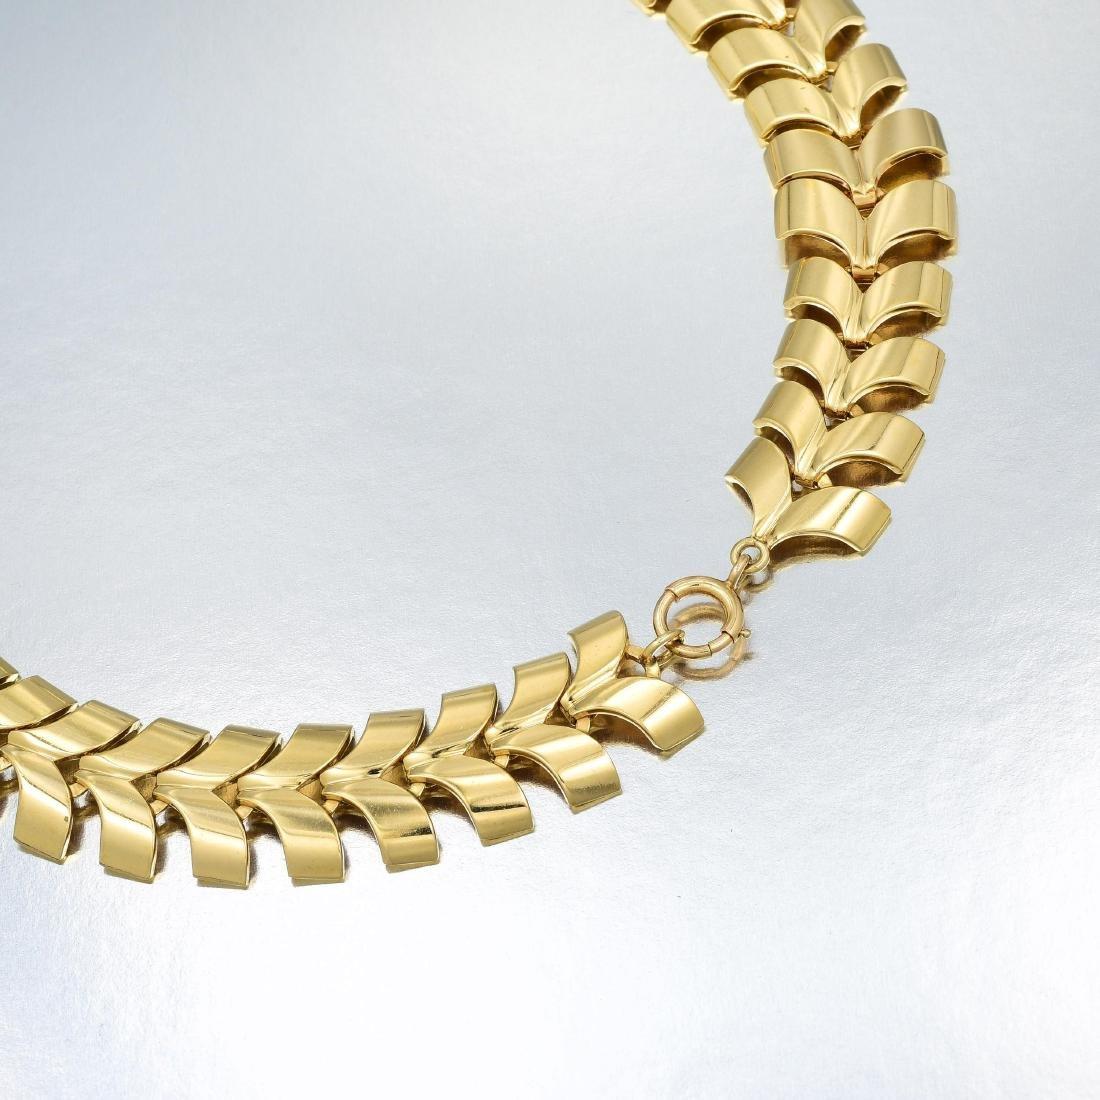 Tiffany & Co. Gold Necklace and Bracelet Set - 5